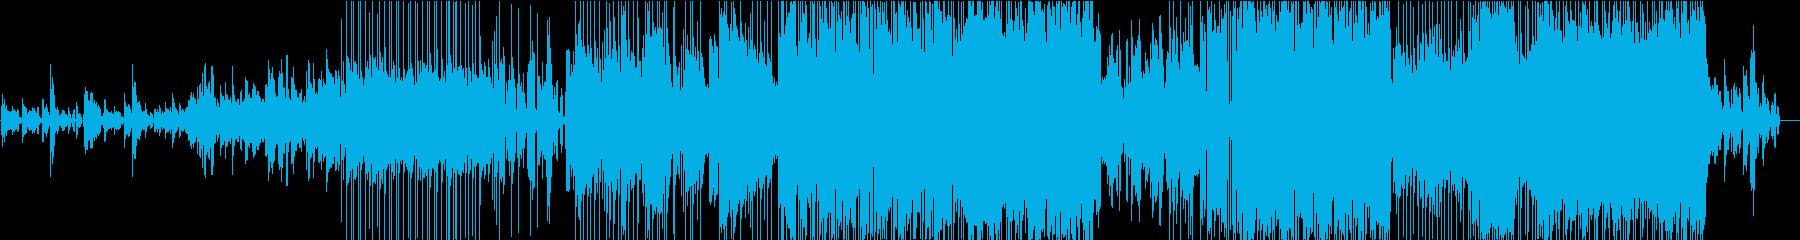 釘の再生済みの波形